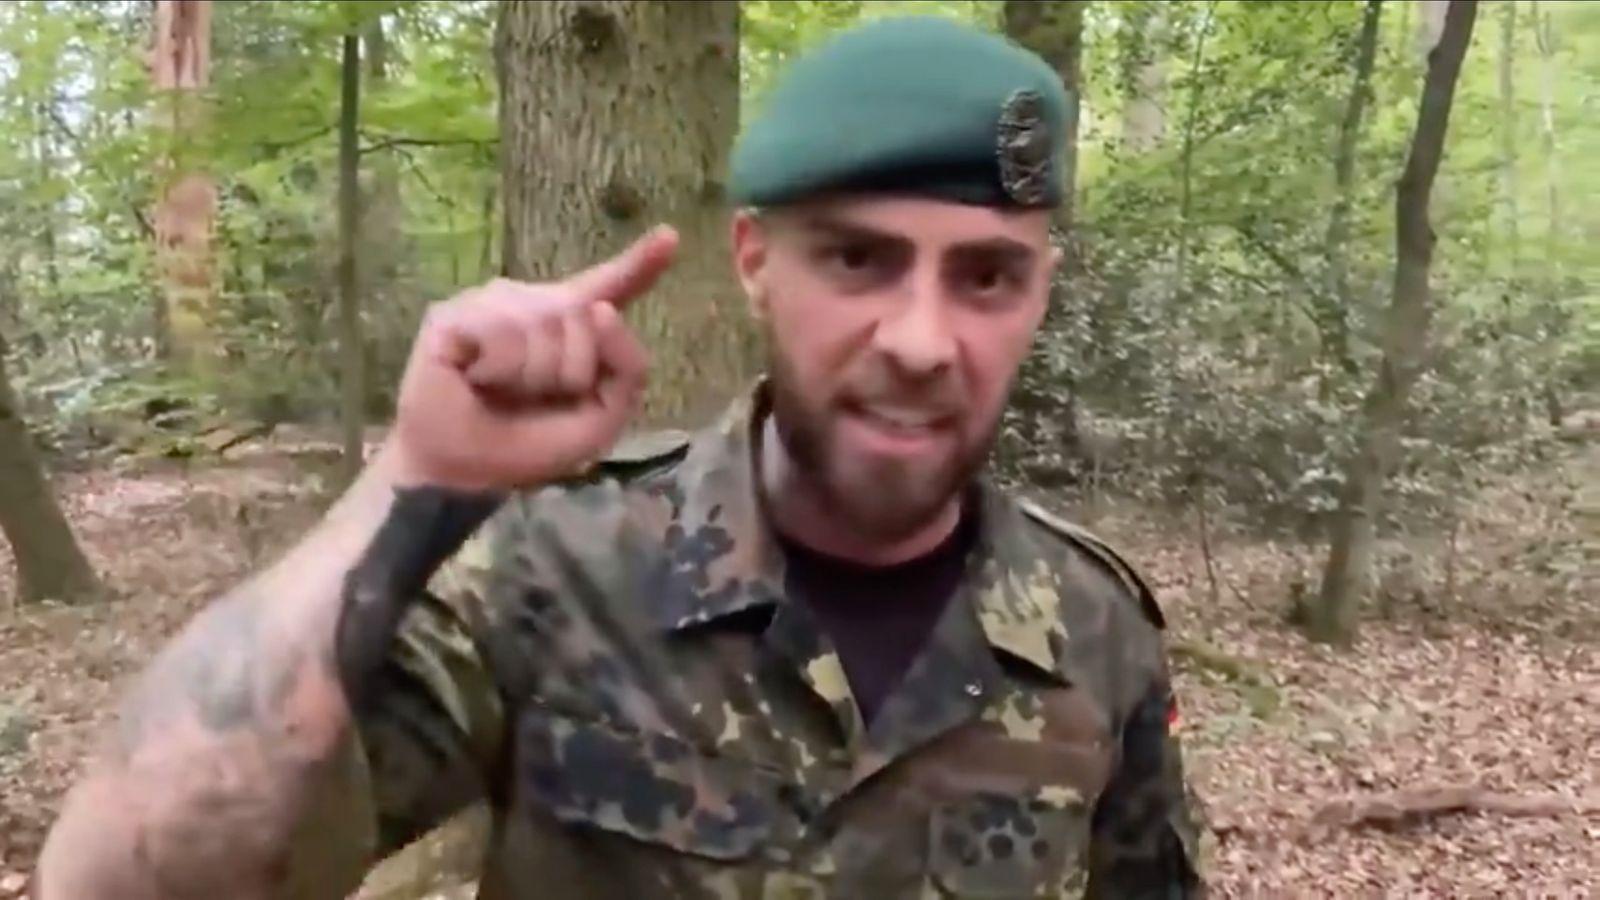 NUR ALS ZITAT Screenshot Bundeswehr Reservist zu Corona